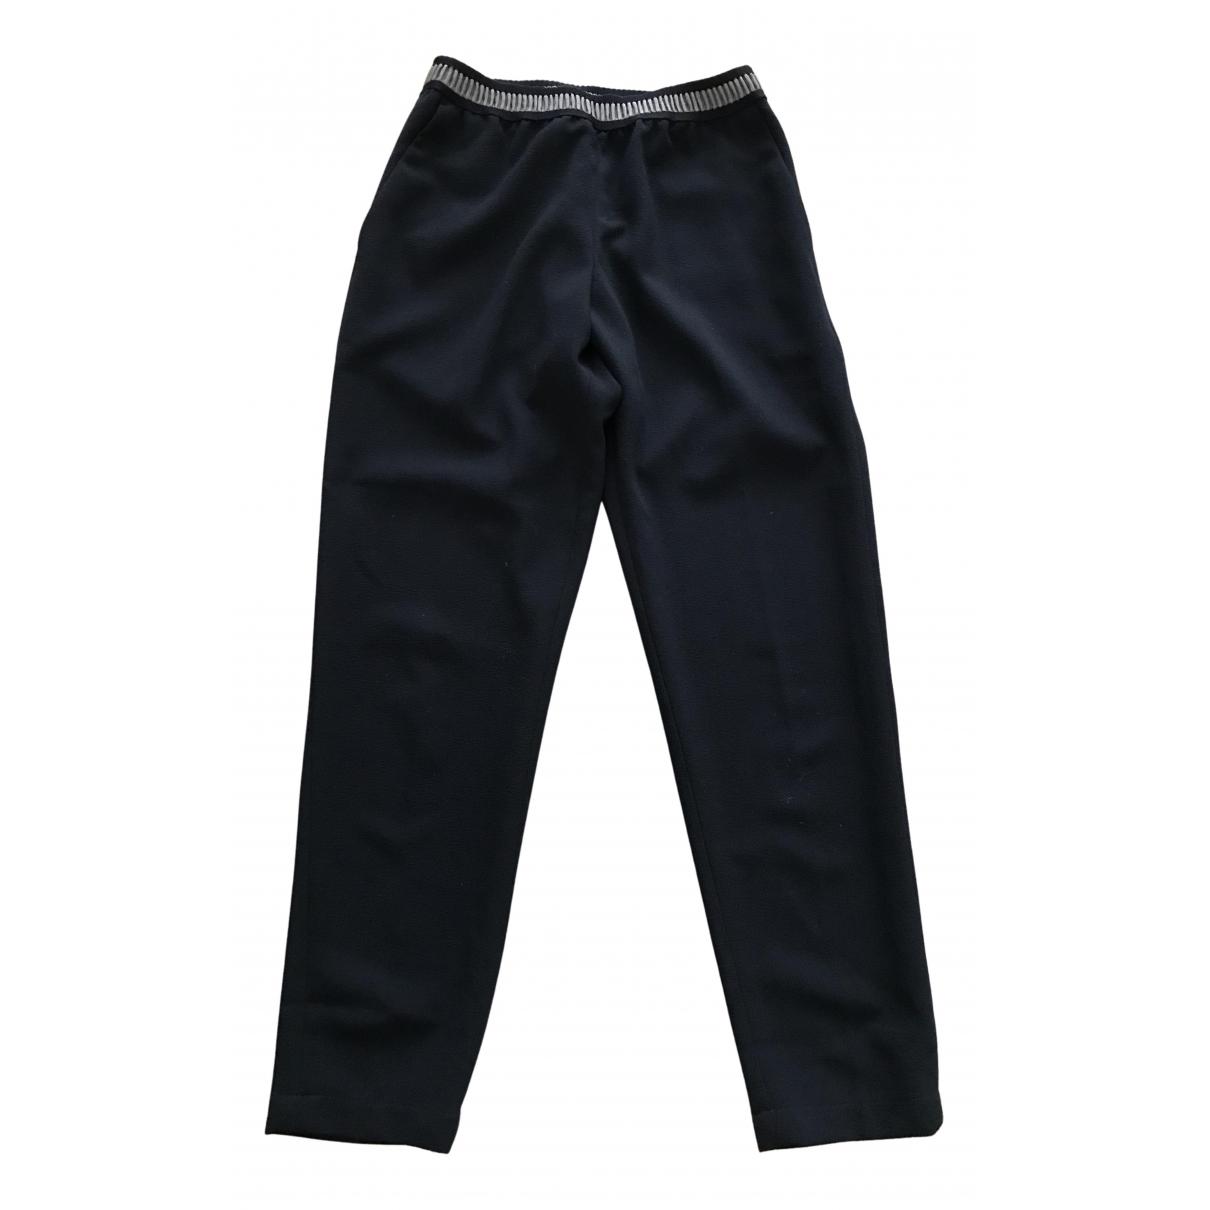 Hartford - Pantalon   pour enfant - noir